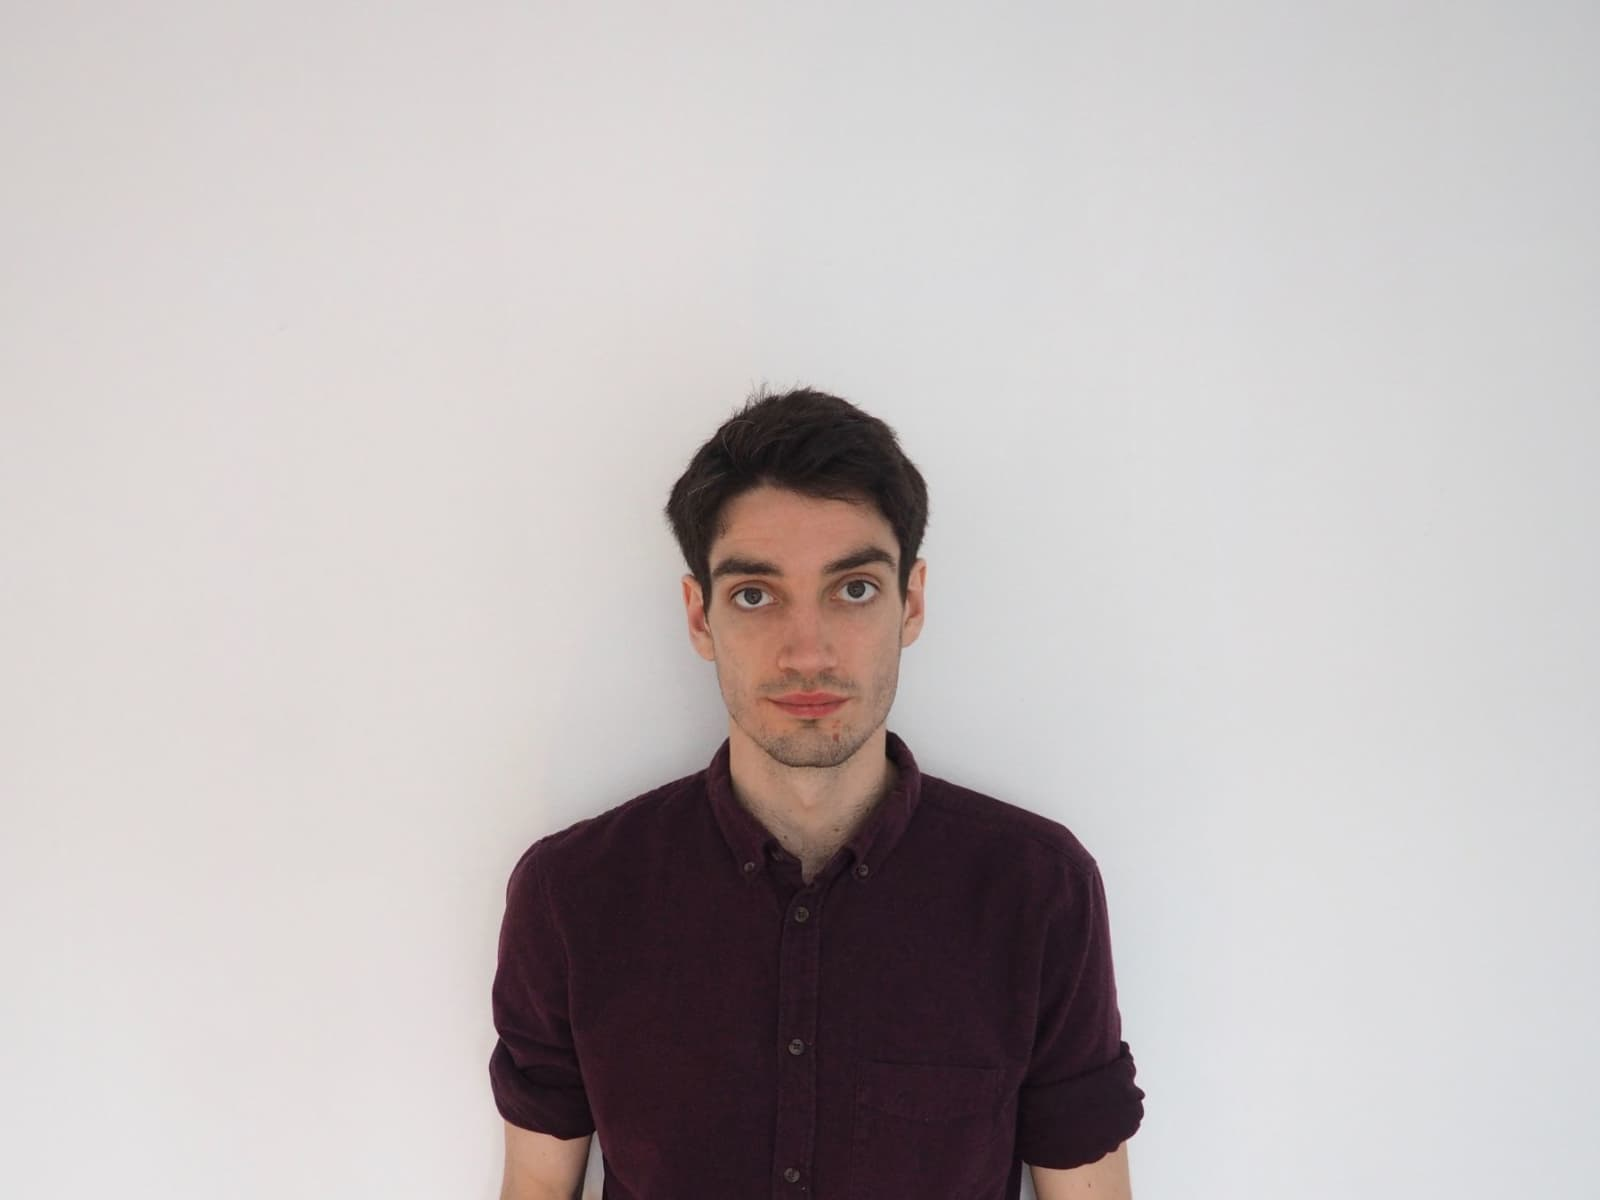 Ben from Toronto, Ontario, Canada